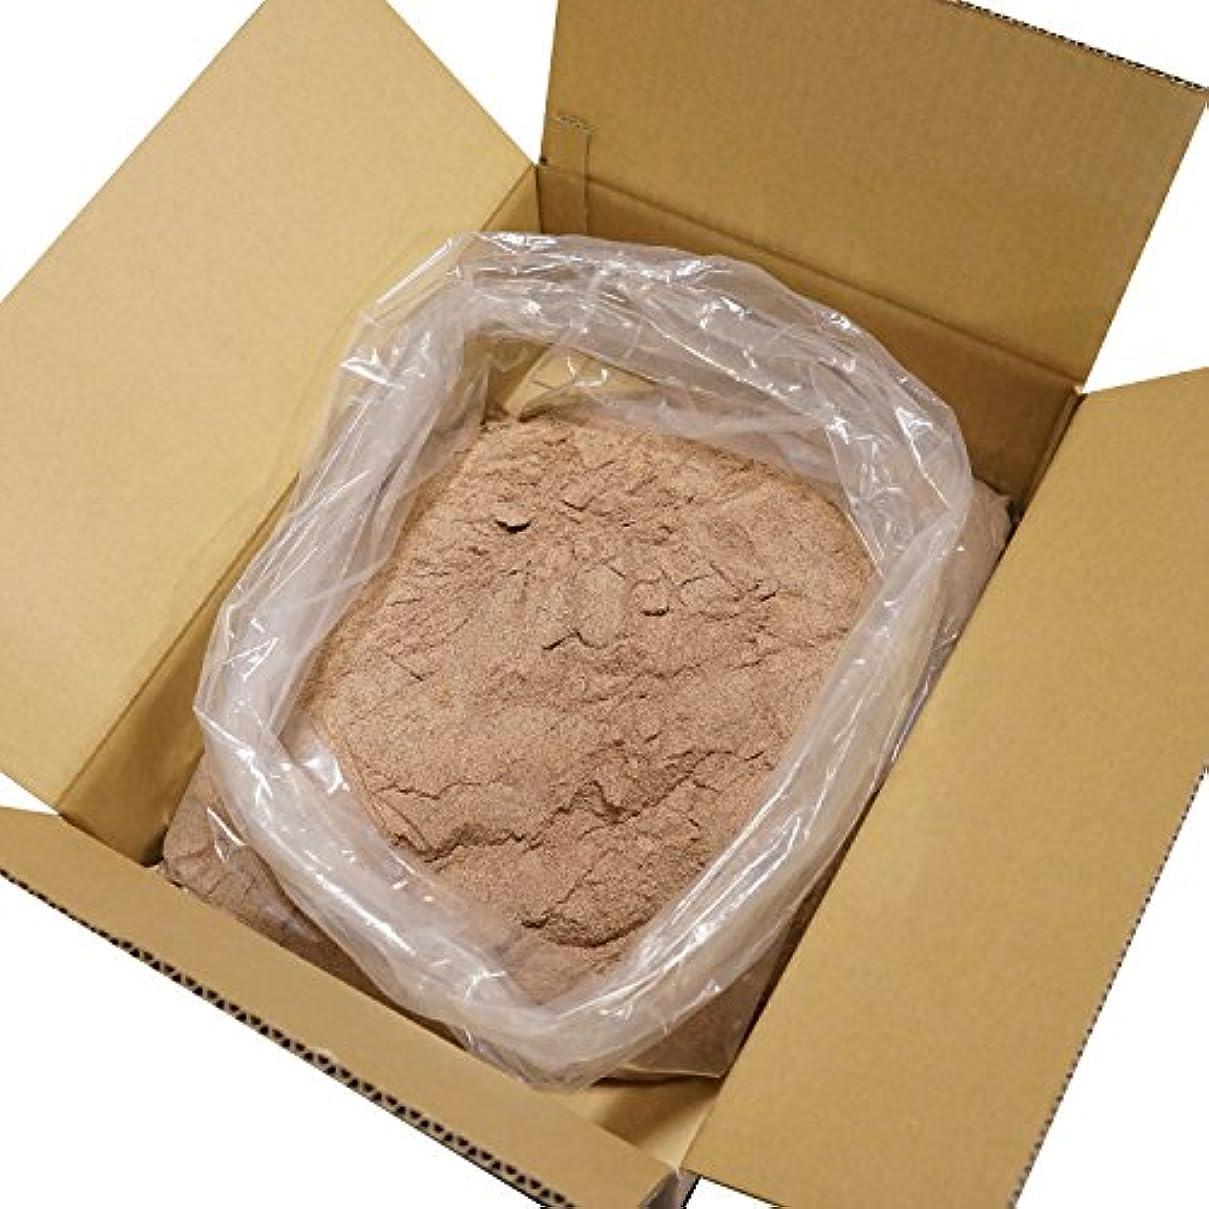 メンダシティ紀元前無駄にヒマラヤ 岩塩 ブラック パウダー 細粒タイプ 業務用 原料 (5kg)